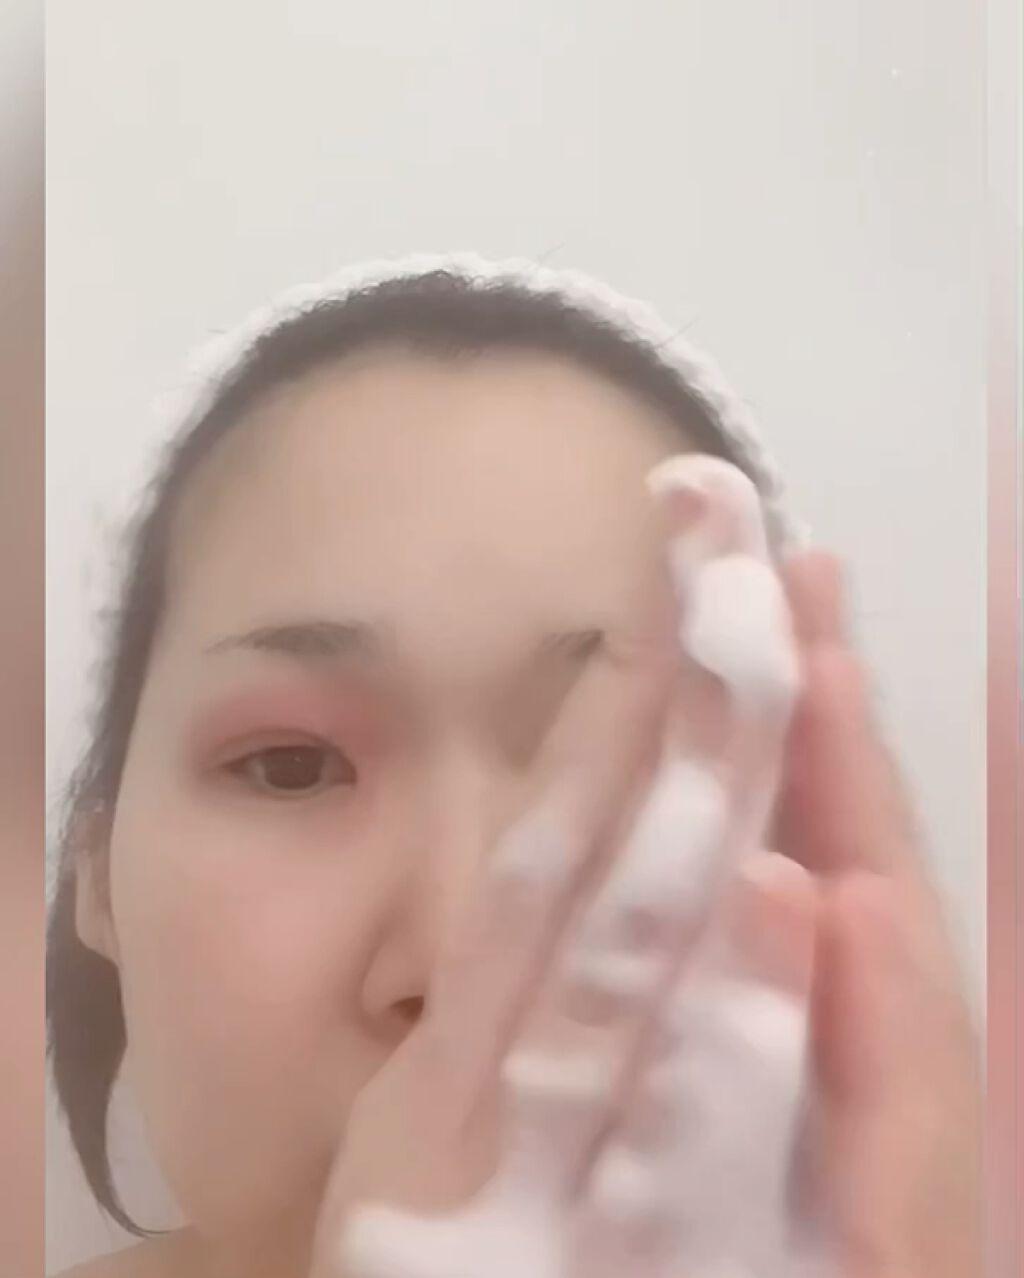 ロゼット洗顔パスタ ブラックパール/ロゼット/洗顔フォームを使ったクチコミ(4枚目)